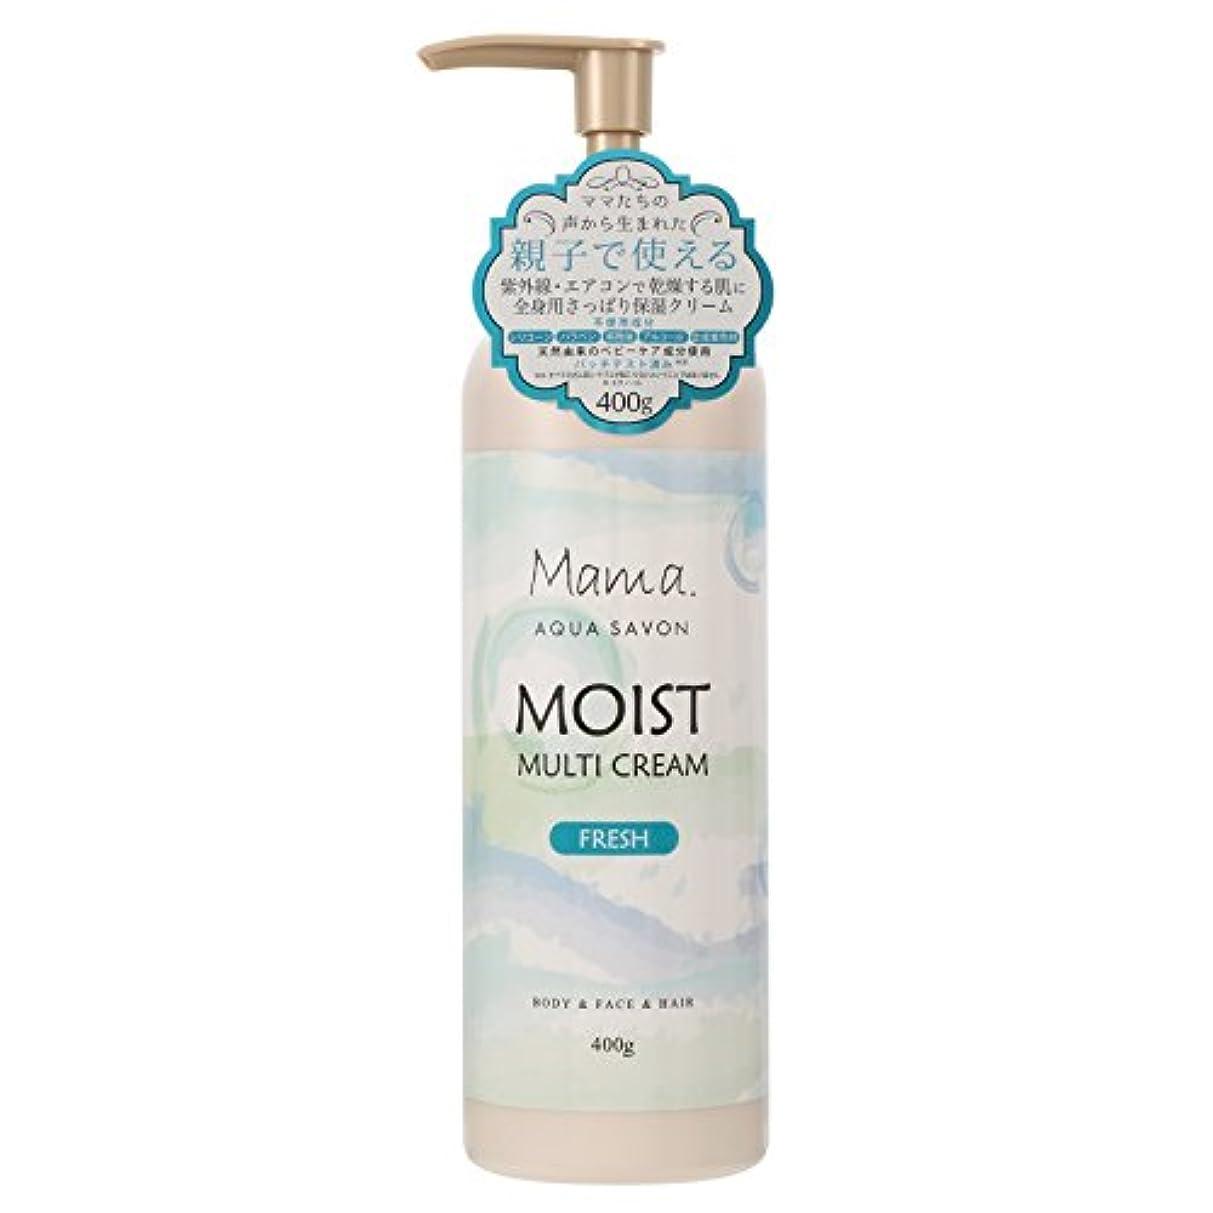 の面では限り桁ママアクアシャボン モイストマルチクリーム フレッシュ グリーンアロマウォーターの香り 400g